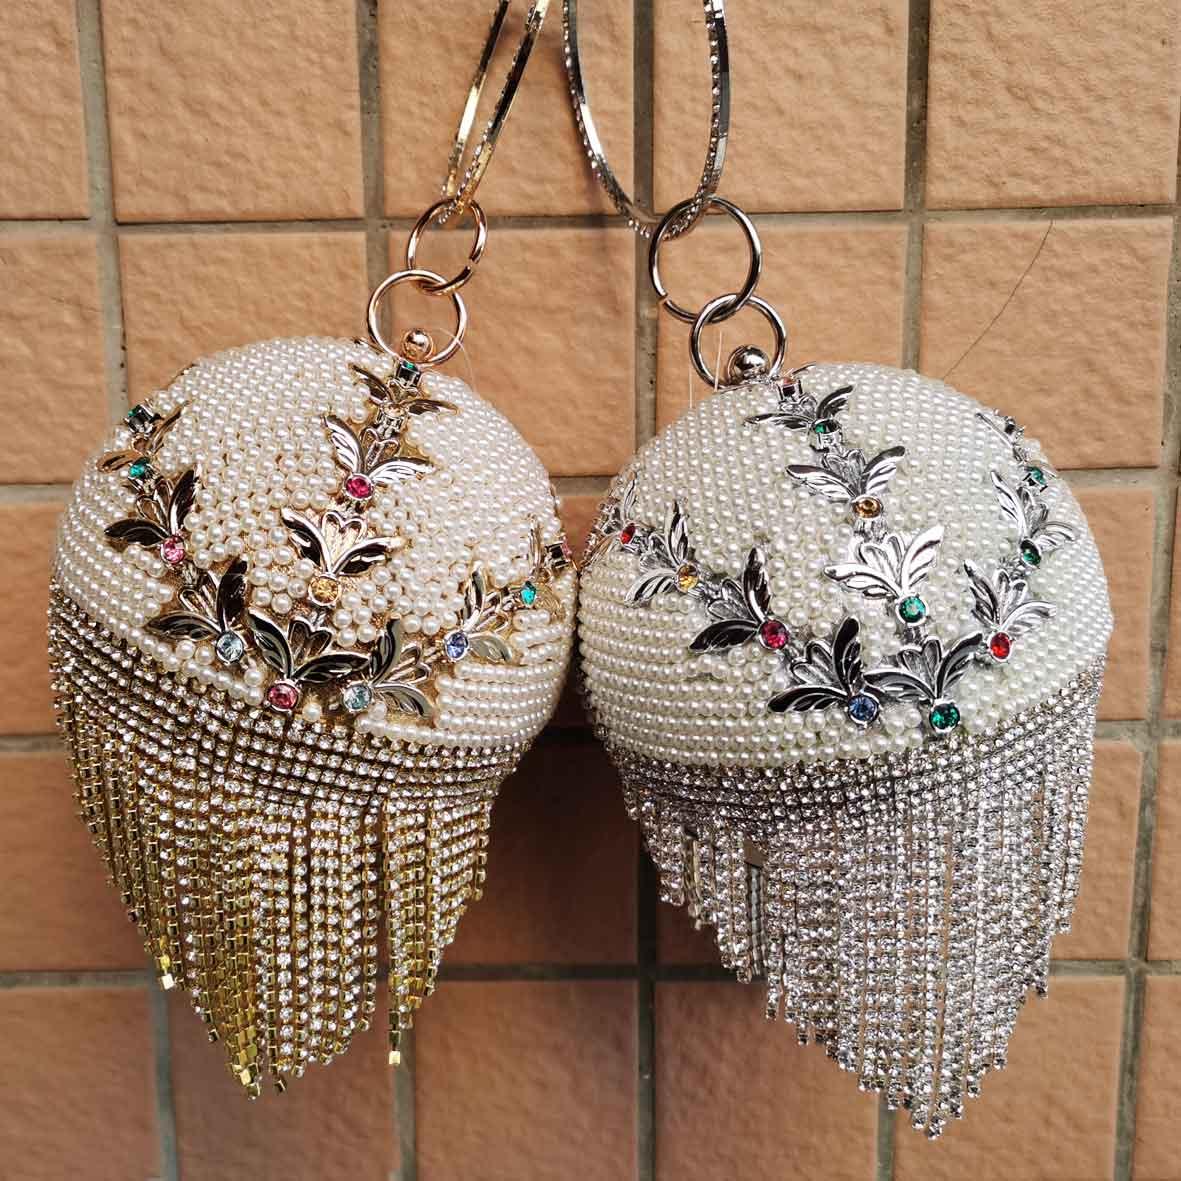 Bowling Design perle pochette anneau circulaire bracelets sac femmes fête soirée sac cristal glands boule femme portefeuille XQ-15